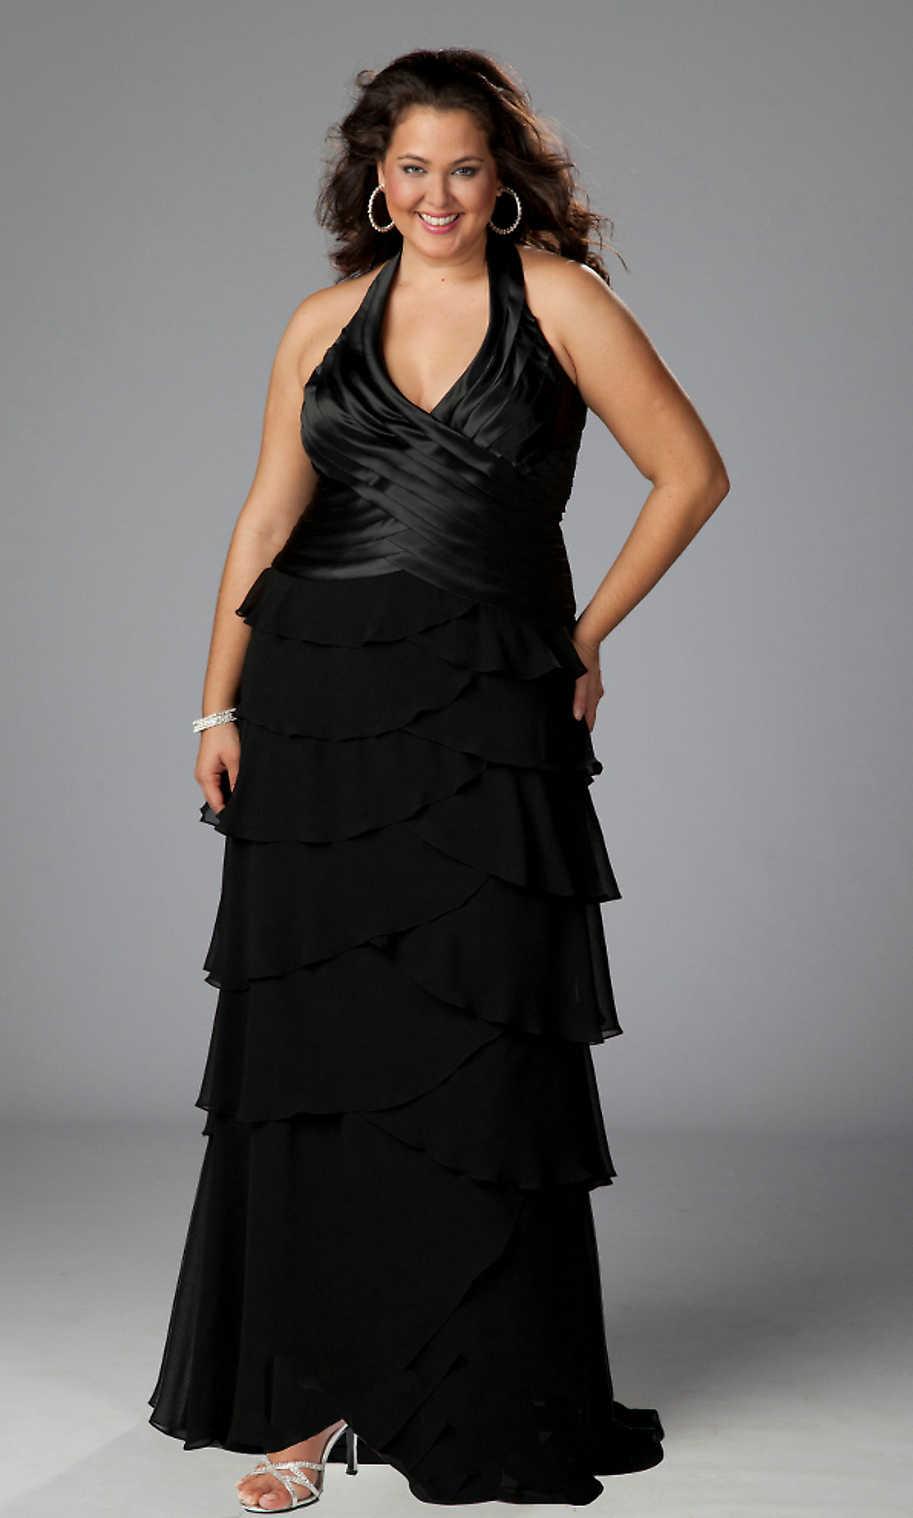 Brautkleider Große Größen Blog: Schwarzes Abendkleid für vollschlank ...